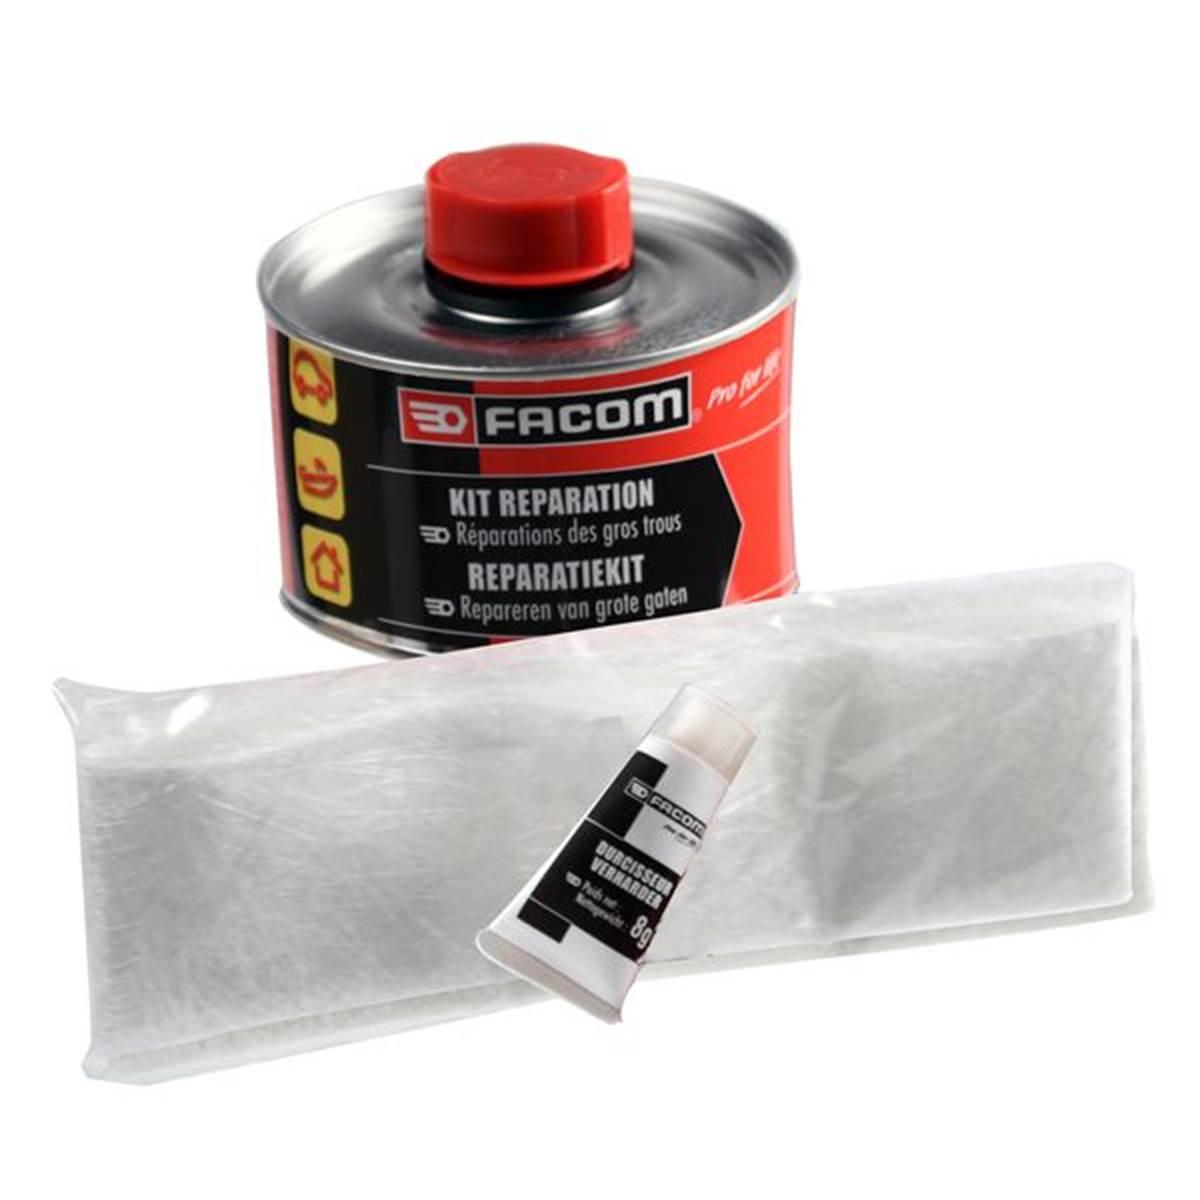 Kit de réparation Facom 250 g